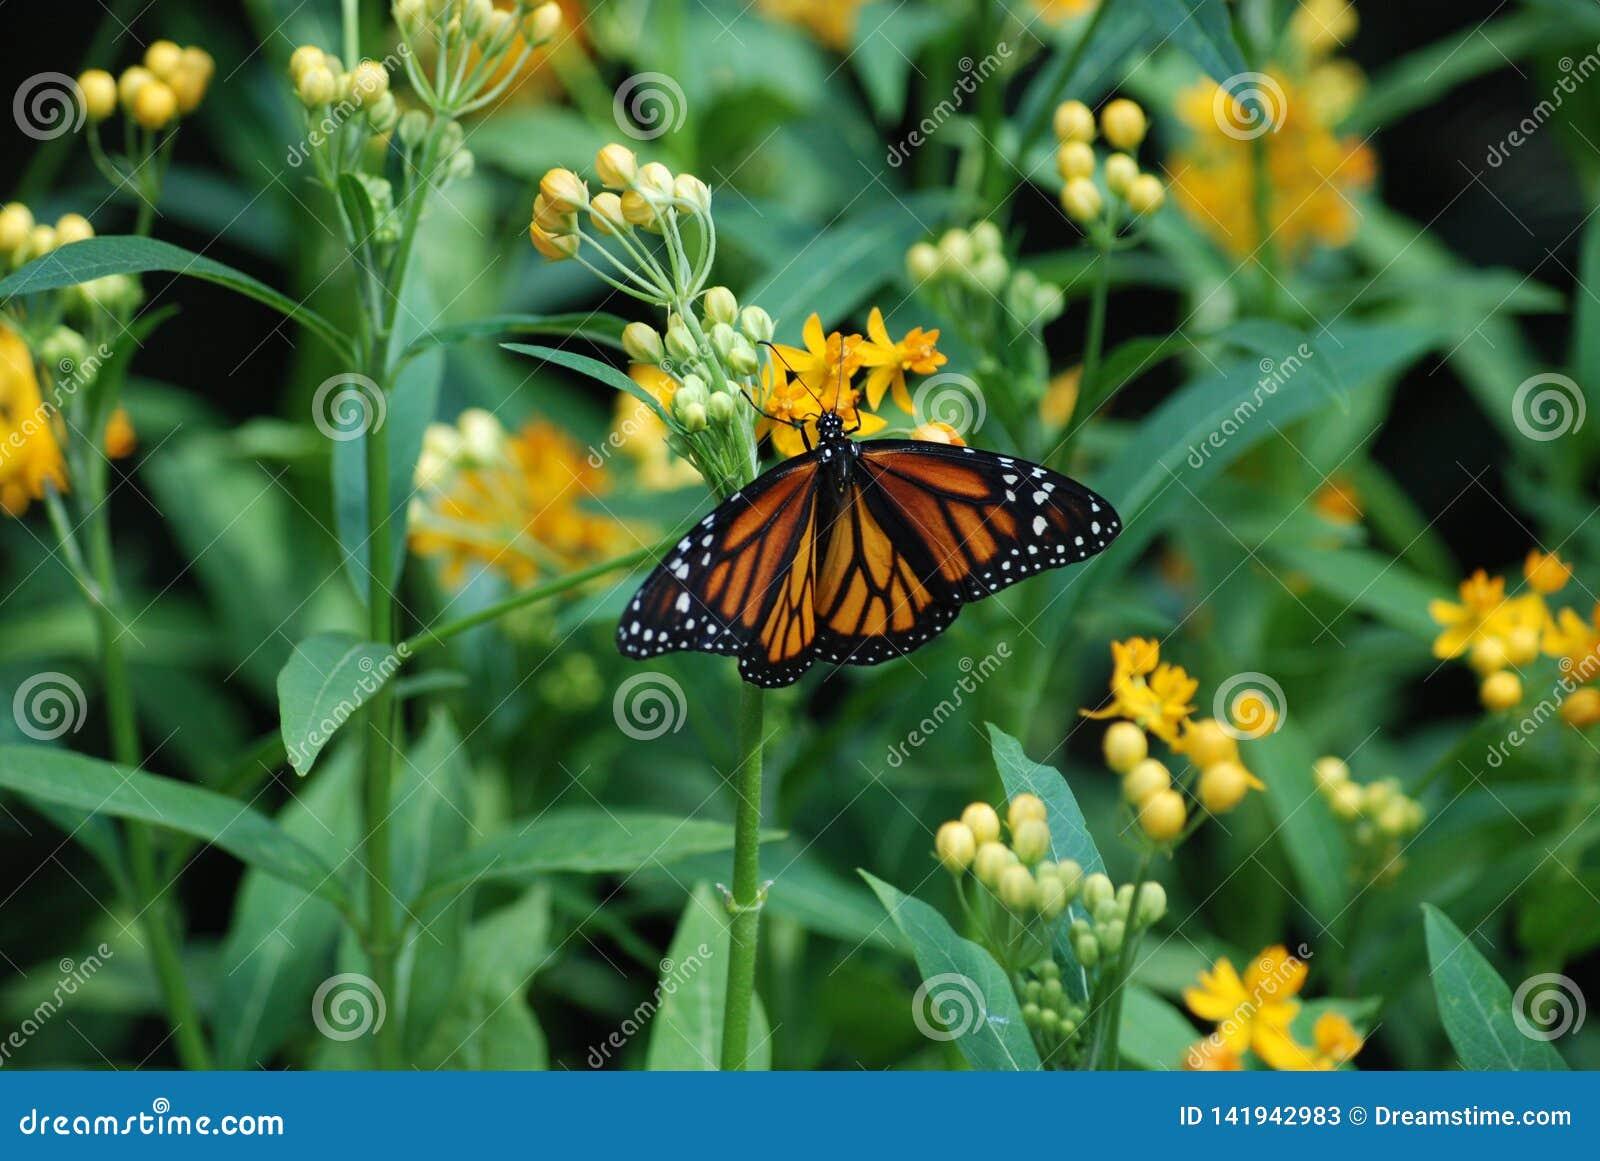 守护天使-哺养在黄色花的黑脉金斑蝶